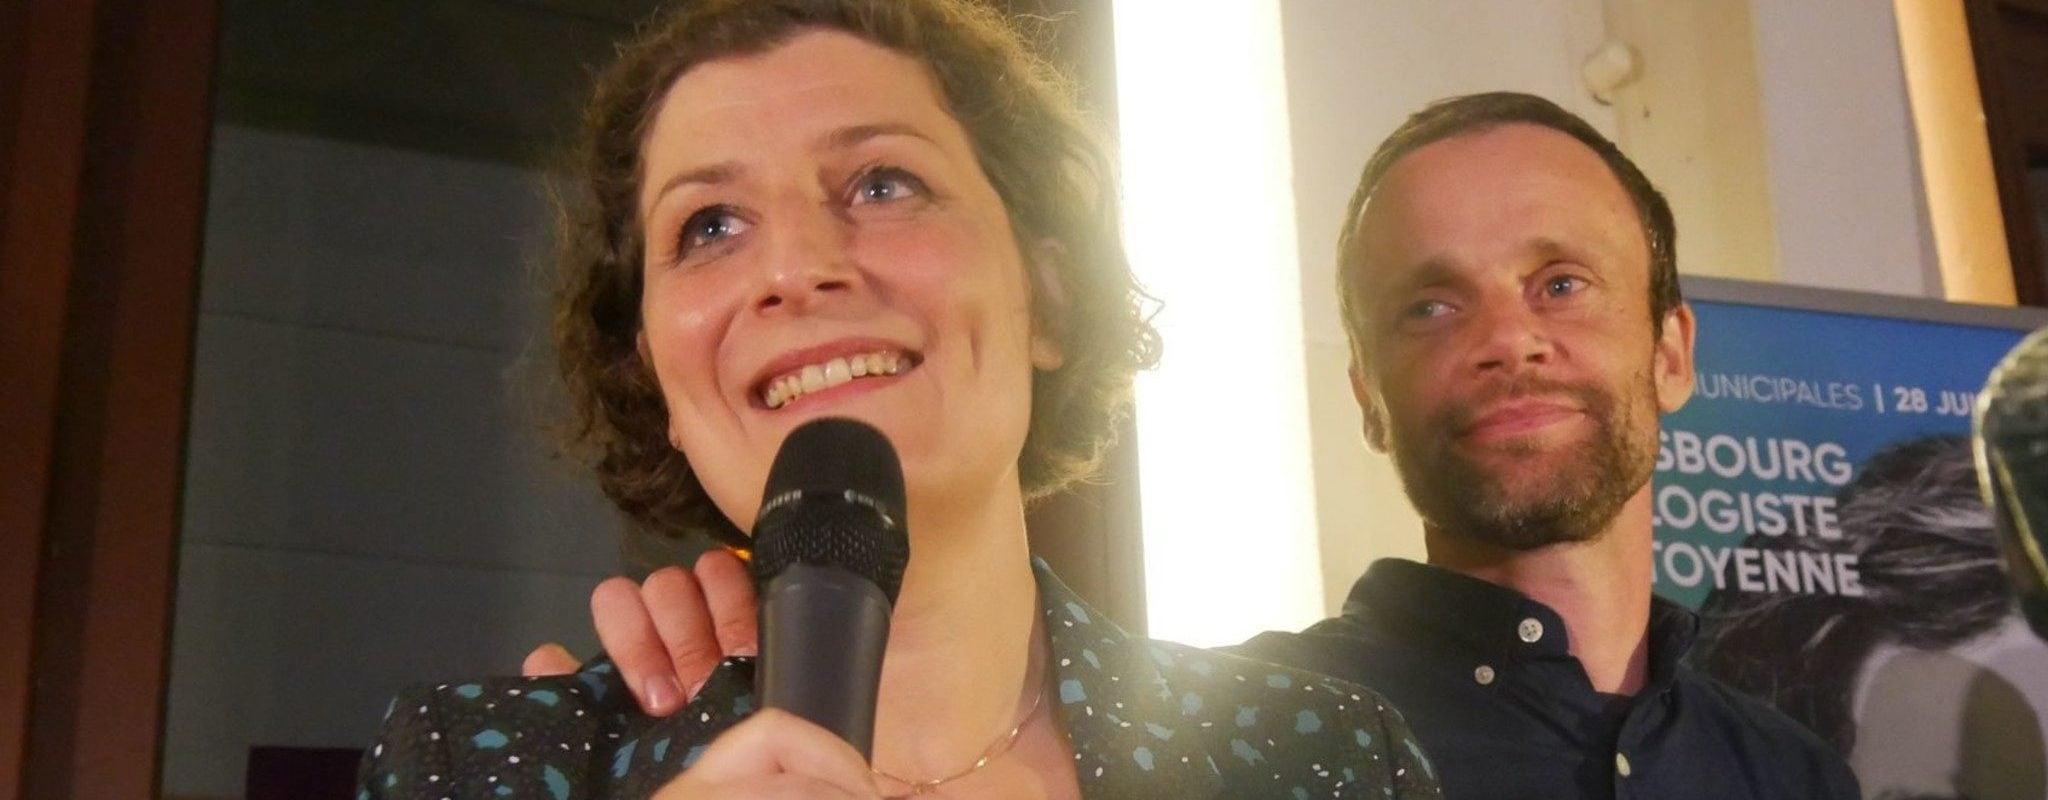 Jeanne Barseghian future maire de Strasbourg